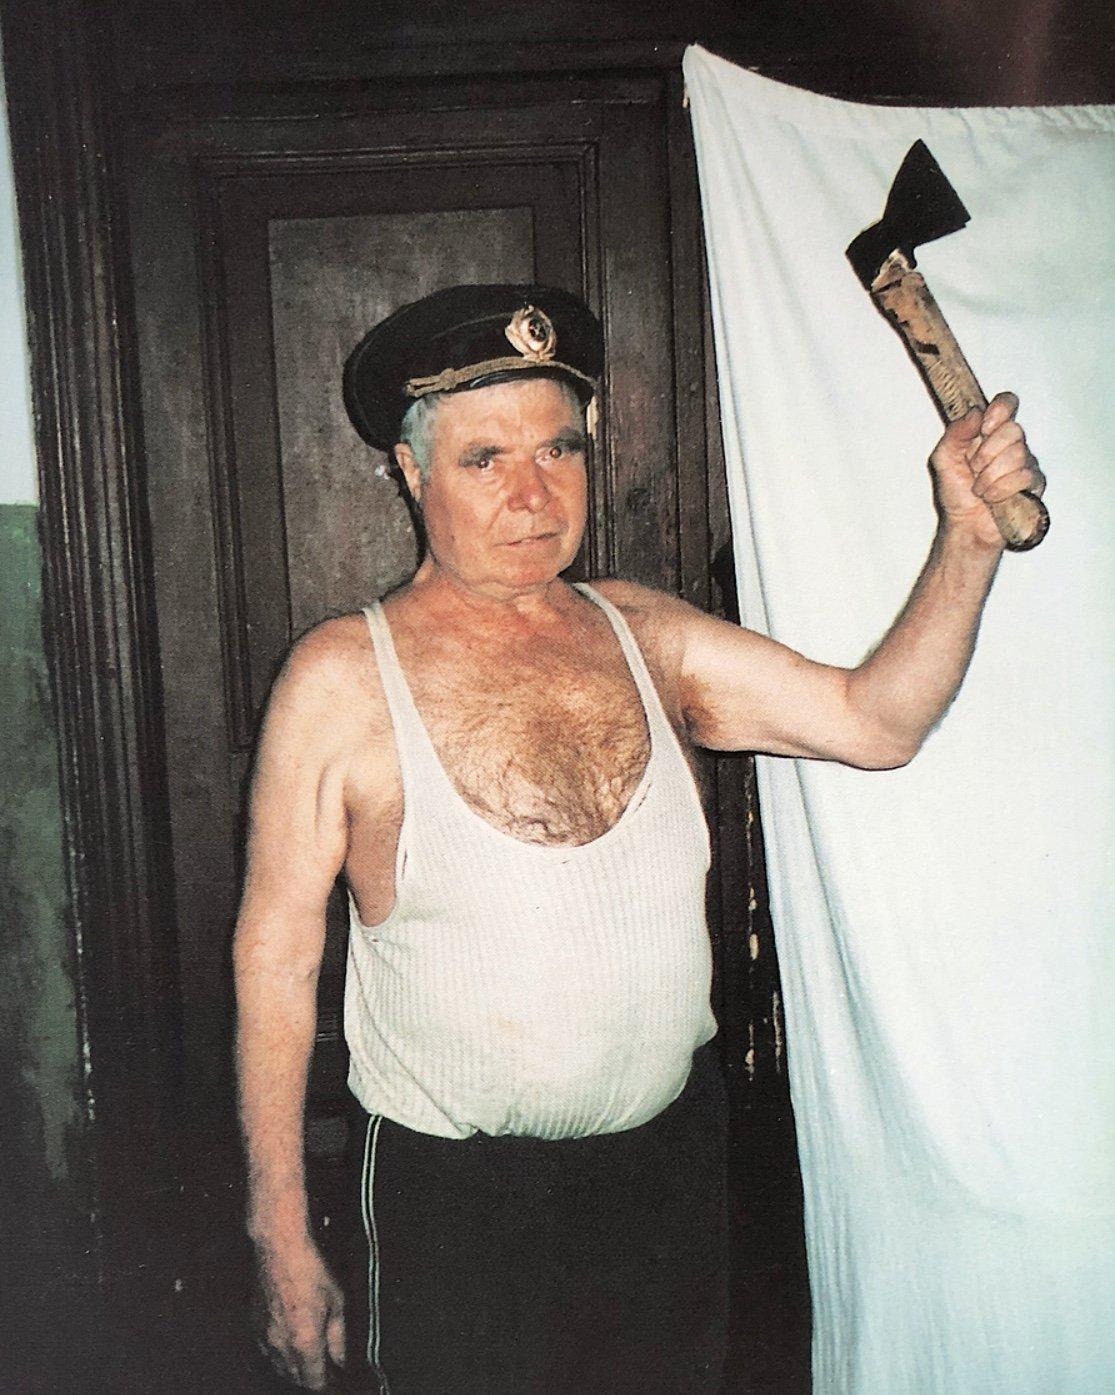 Борис Михайлов. Из серии «История болезни». 1998-1999